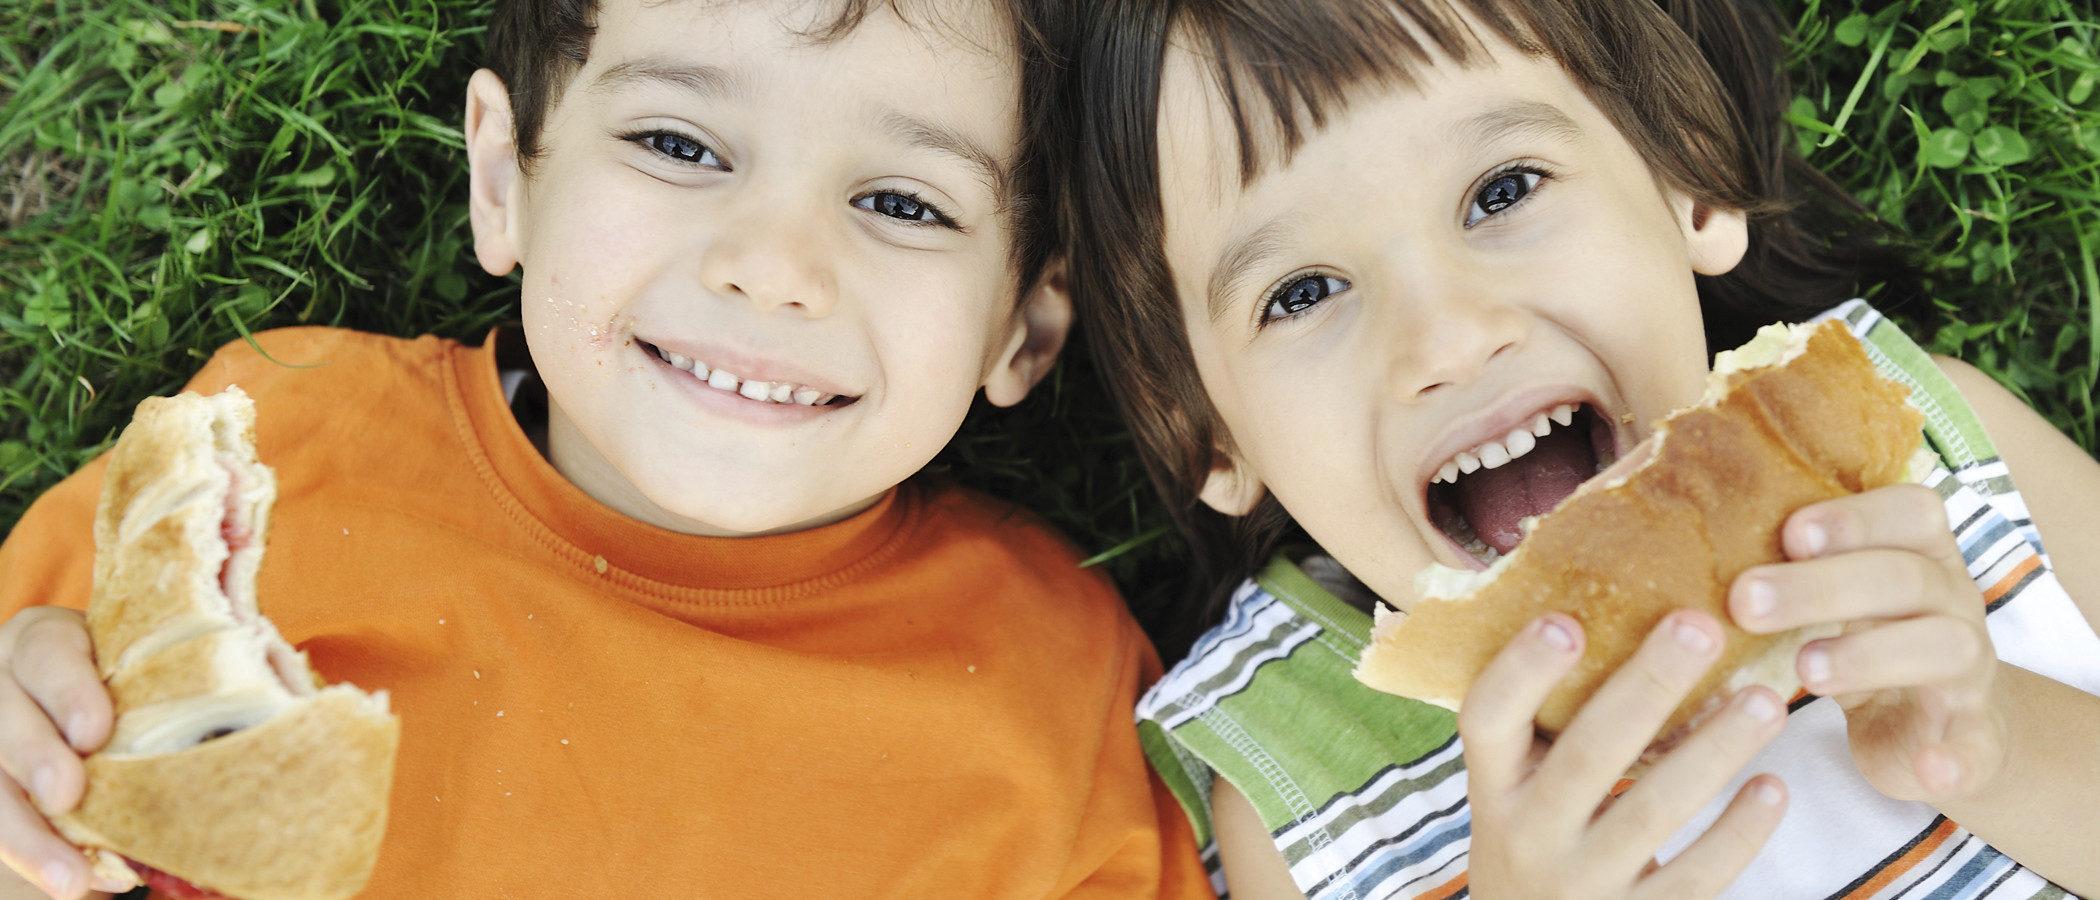 Merienda para la piscina: Alimentos sanos y nutritivos para los niños